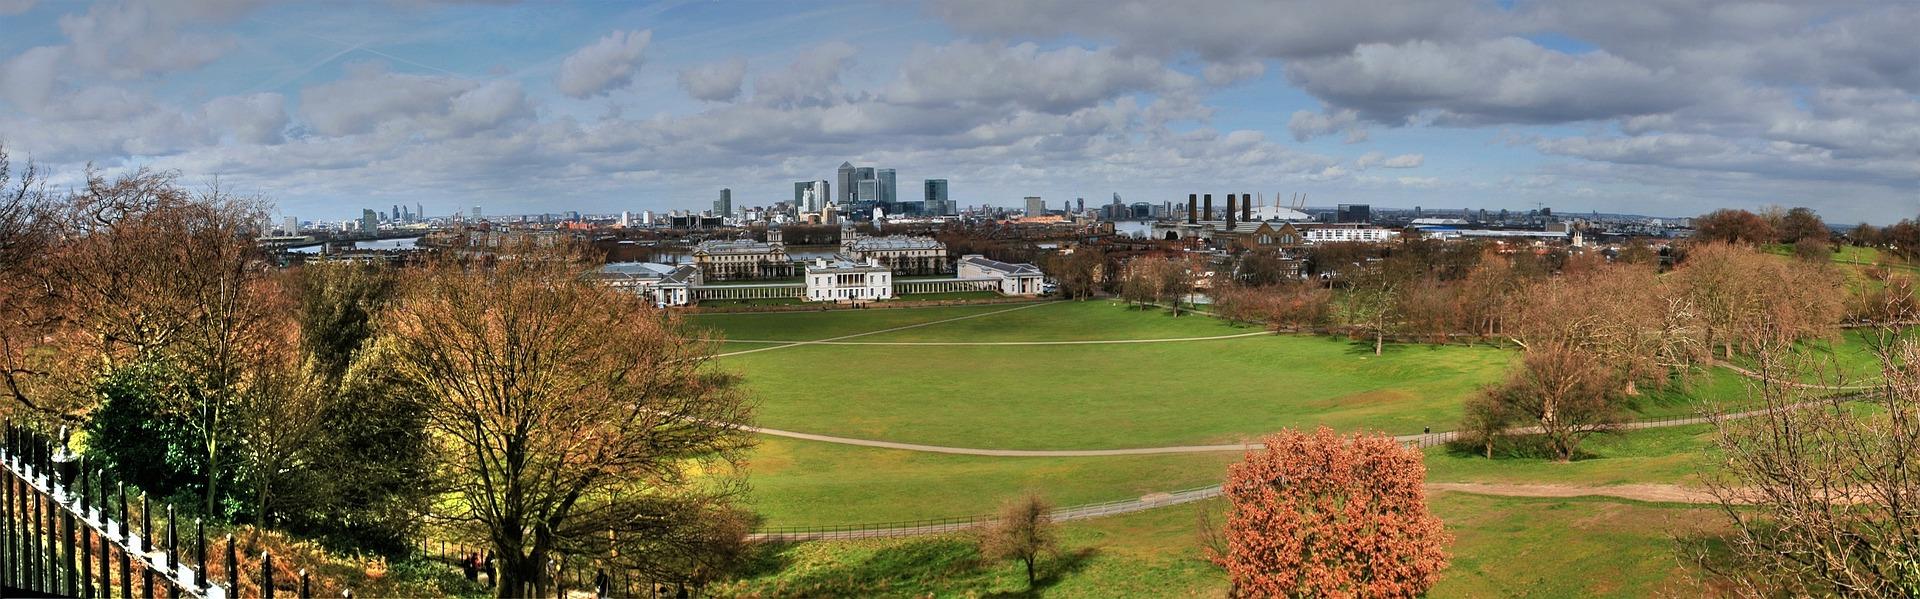 London in Summer, Greenwich